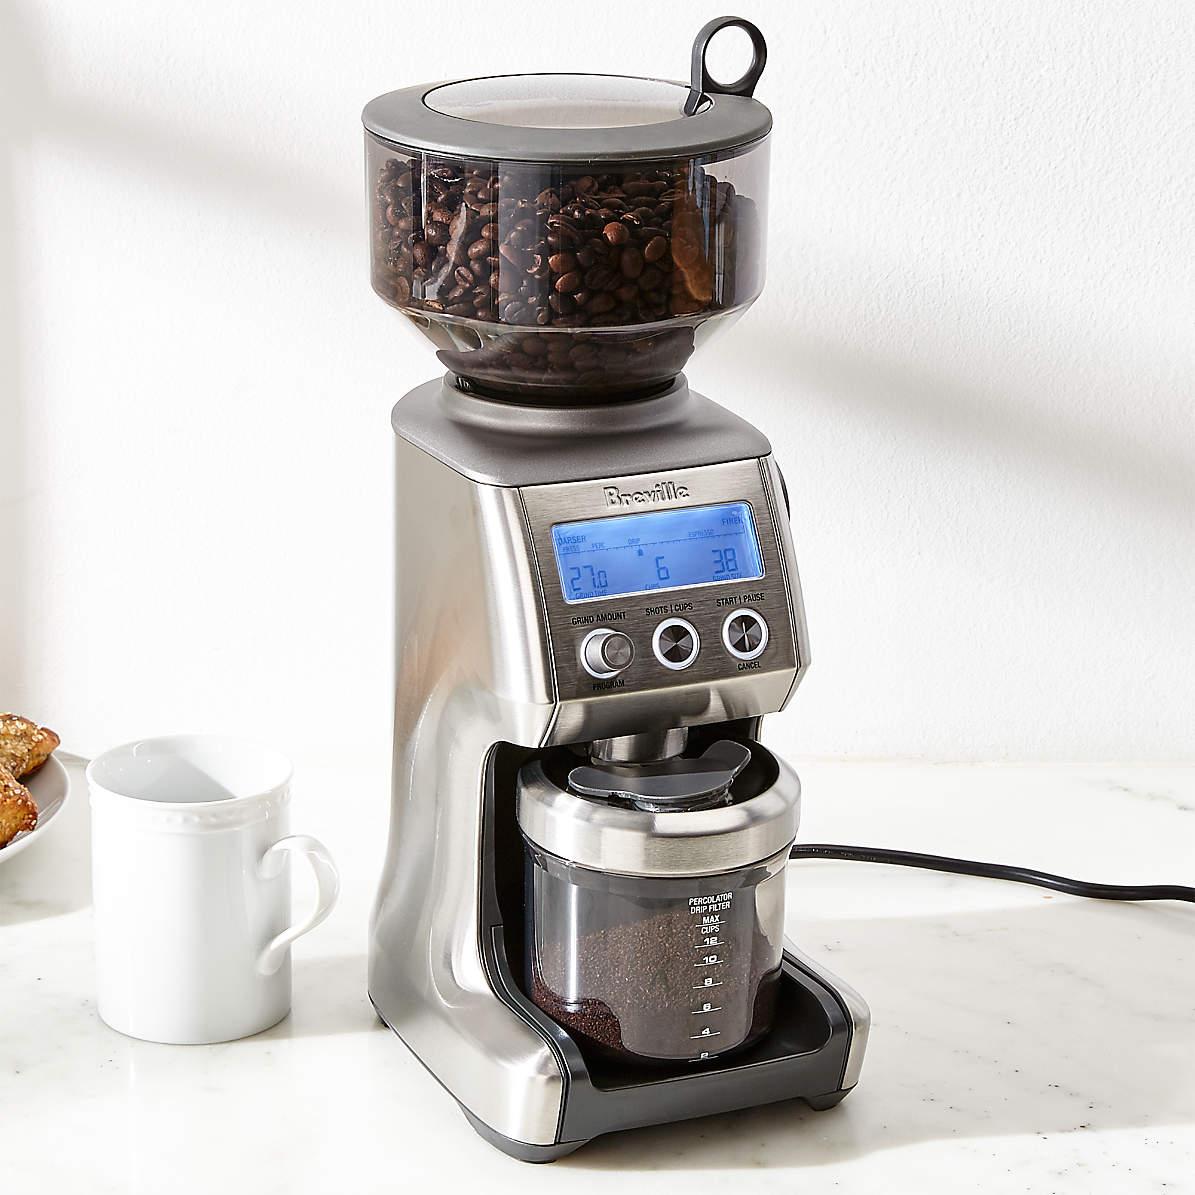 breville coffee machine grinder problem